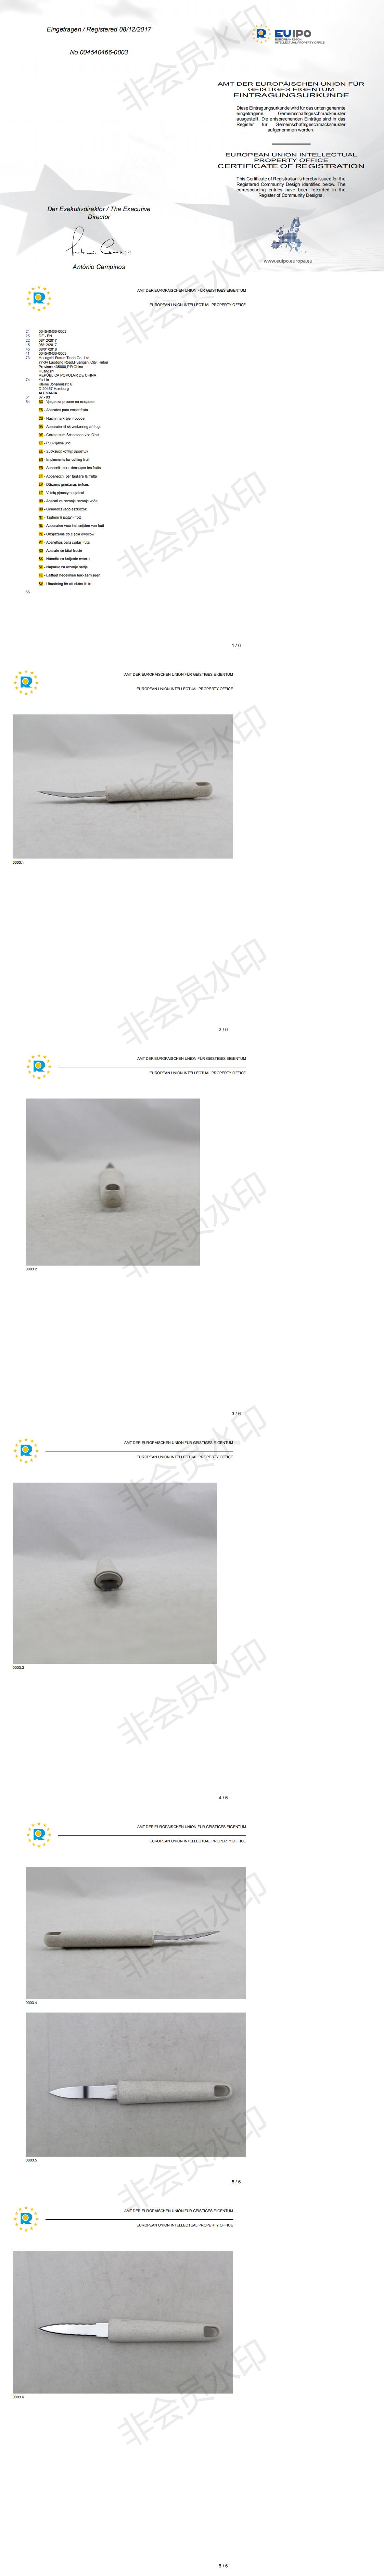 Патент ЕС 004540466-0003